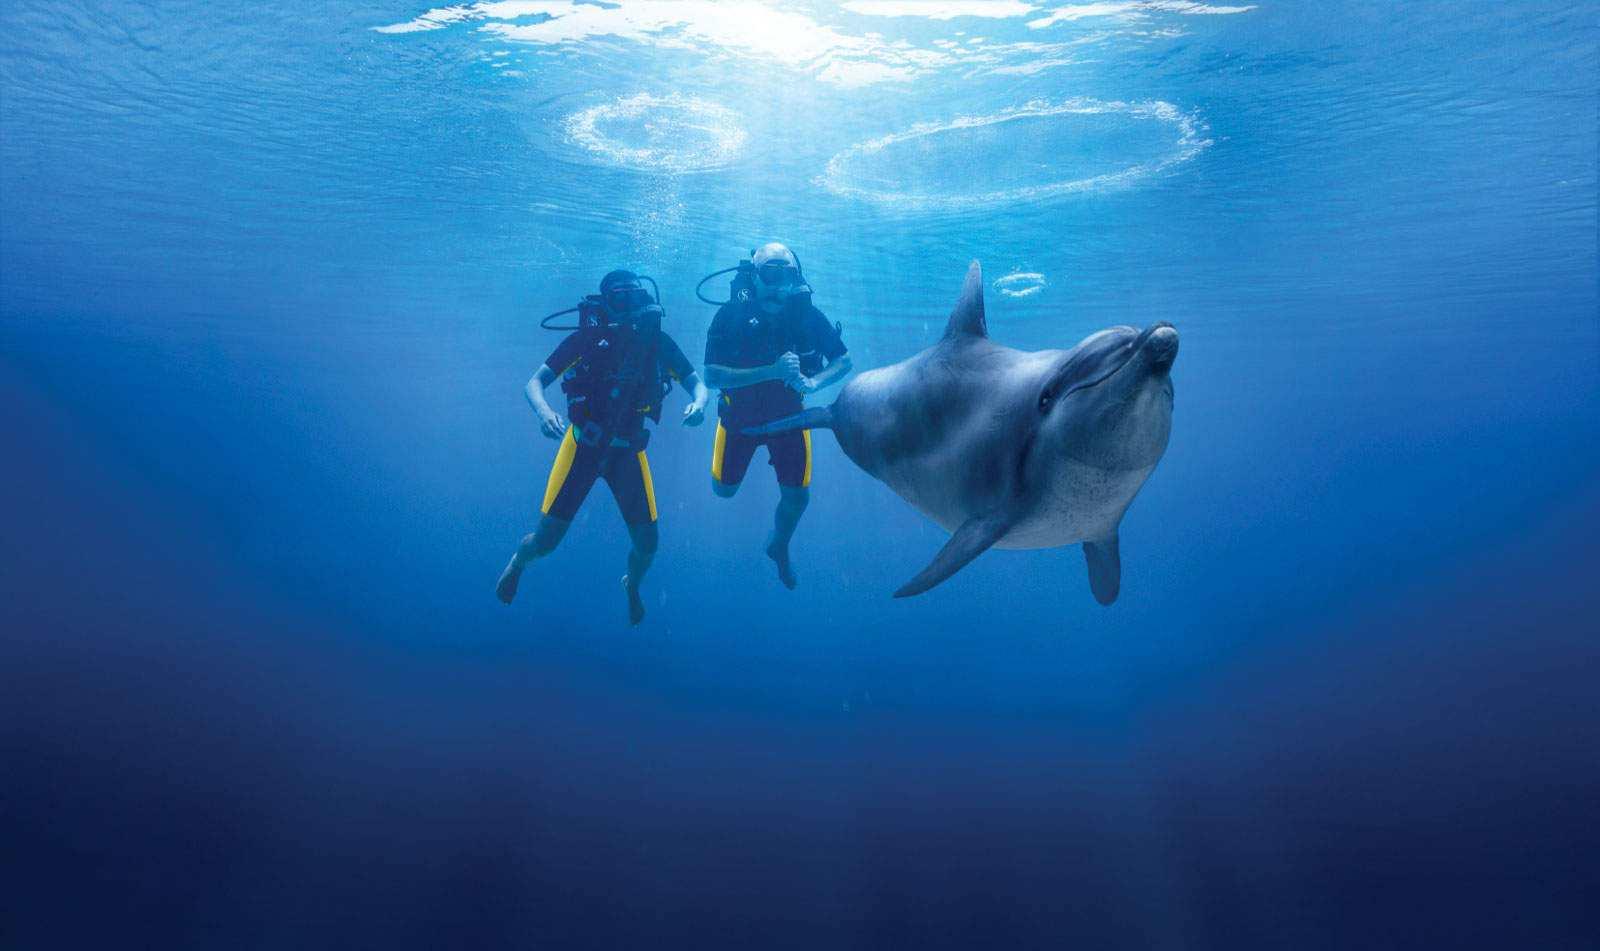 الغوص مع الدلافين في دبي سياحة يعد من اجمل الانشطة السياحية في دبي - مناظر دبي